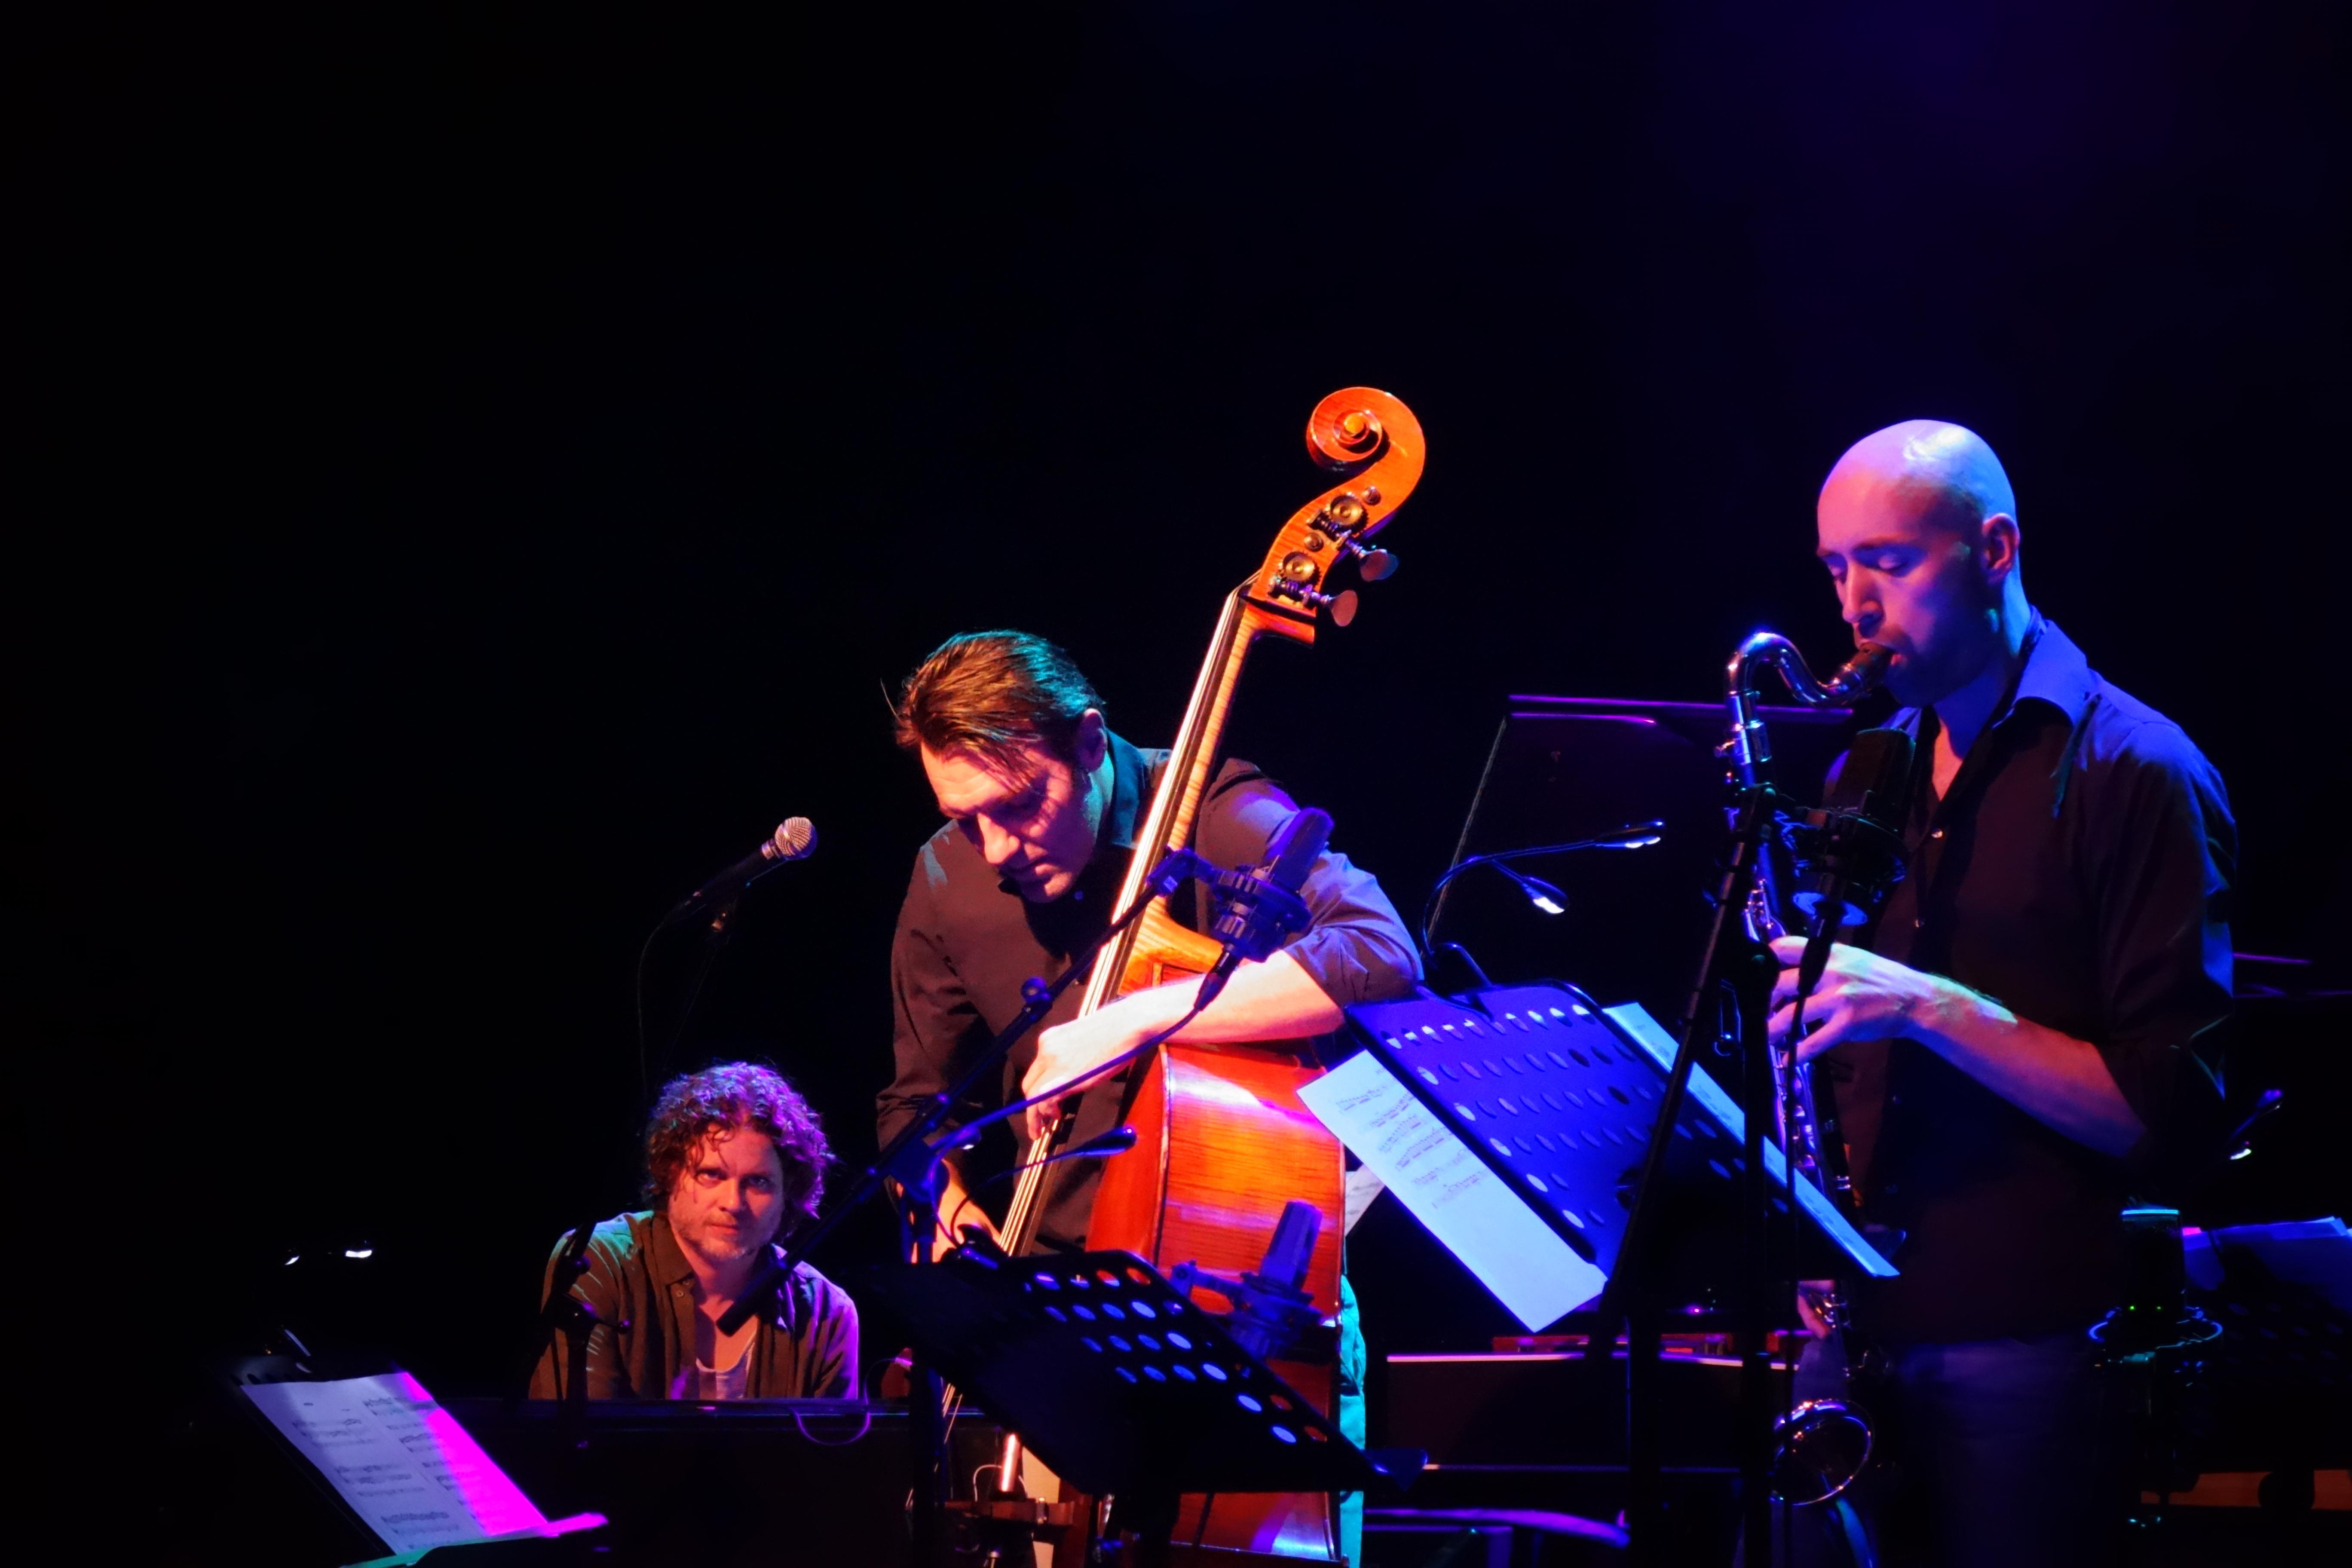 Harmen Fraanje, Mats Eilertsen, Eirik Hegdal - Rotterdam Jazz International Festival